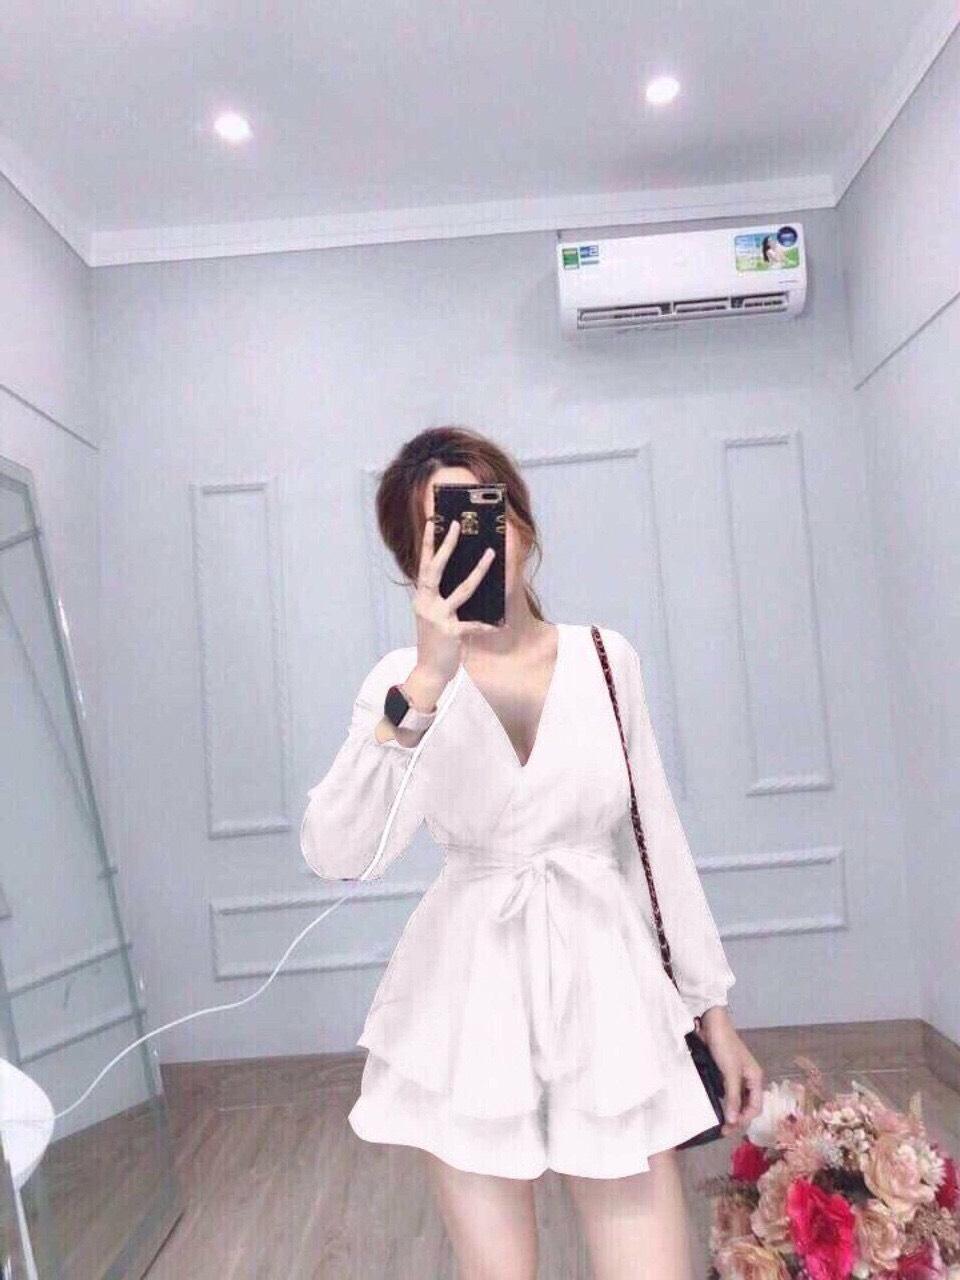 Mã Giảm Giá tại Lazada cho Đầm Xòe Cột Nơ Eo Dài Tay Thời Trang Nữ T62, Có Big Size (Kèm ảnh Thật+ Video)